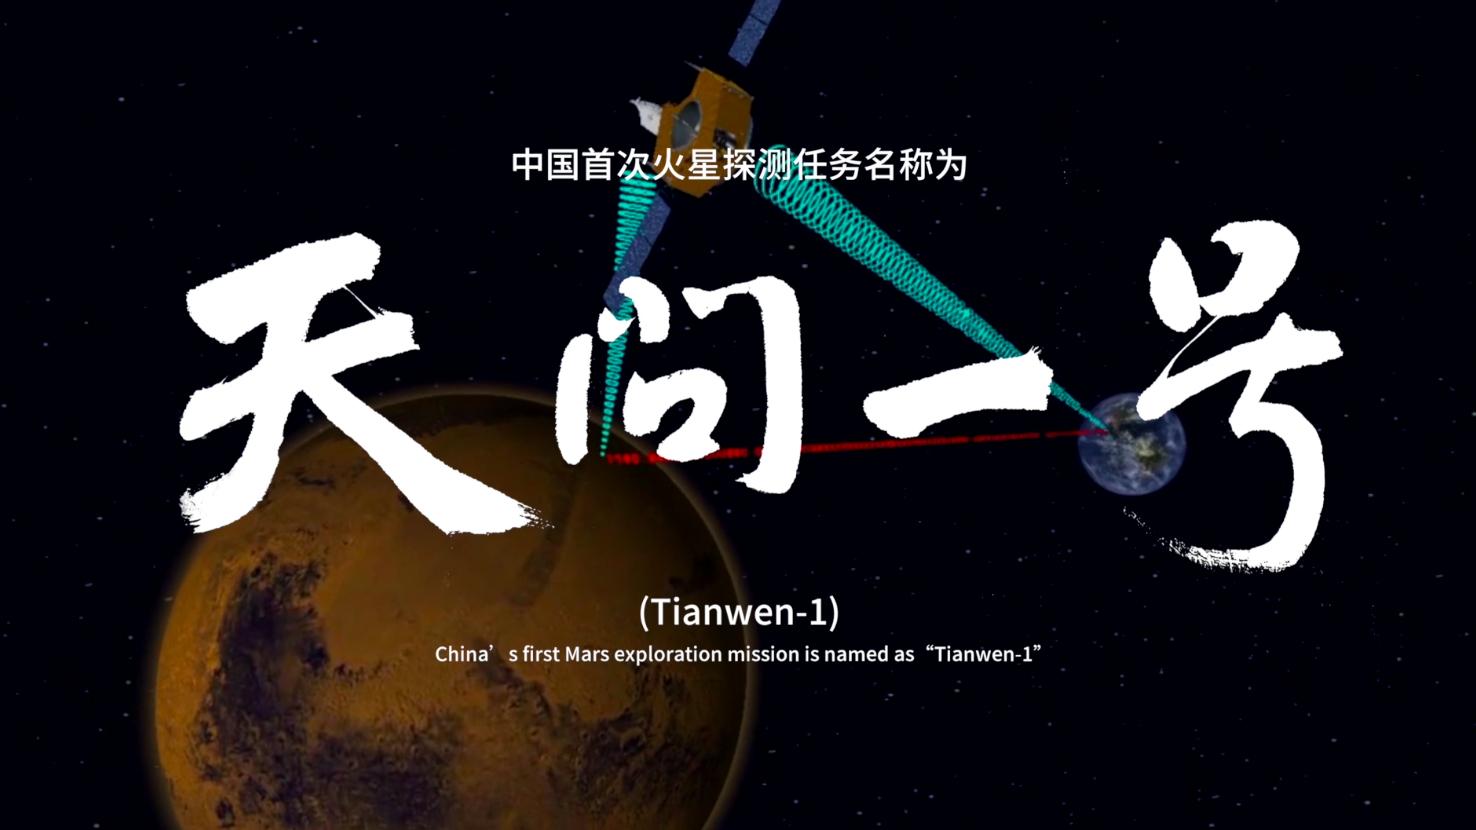 """中国首次火星探测任务命名为""""天问一号"""""""